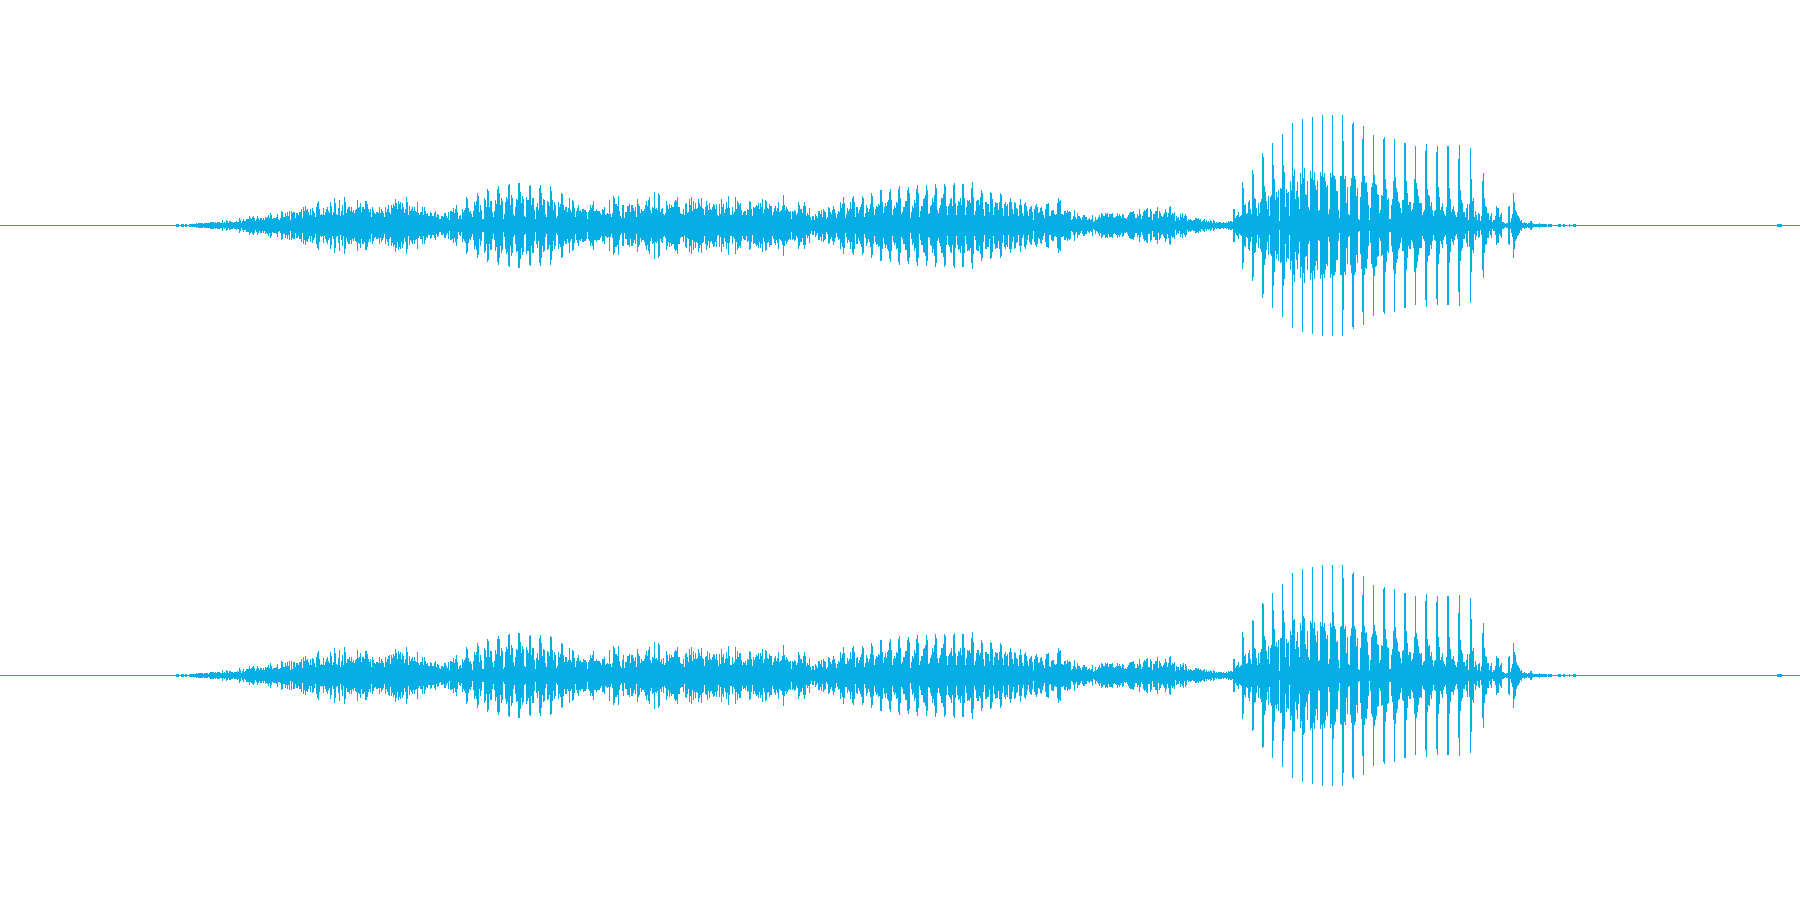 【星座】獅子座の再生済みの波形